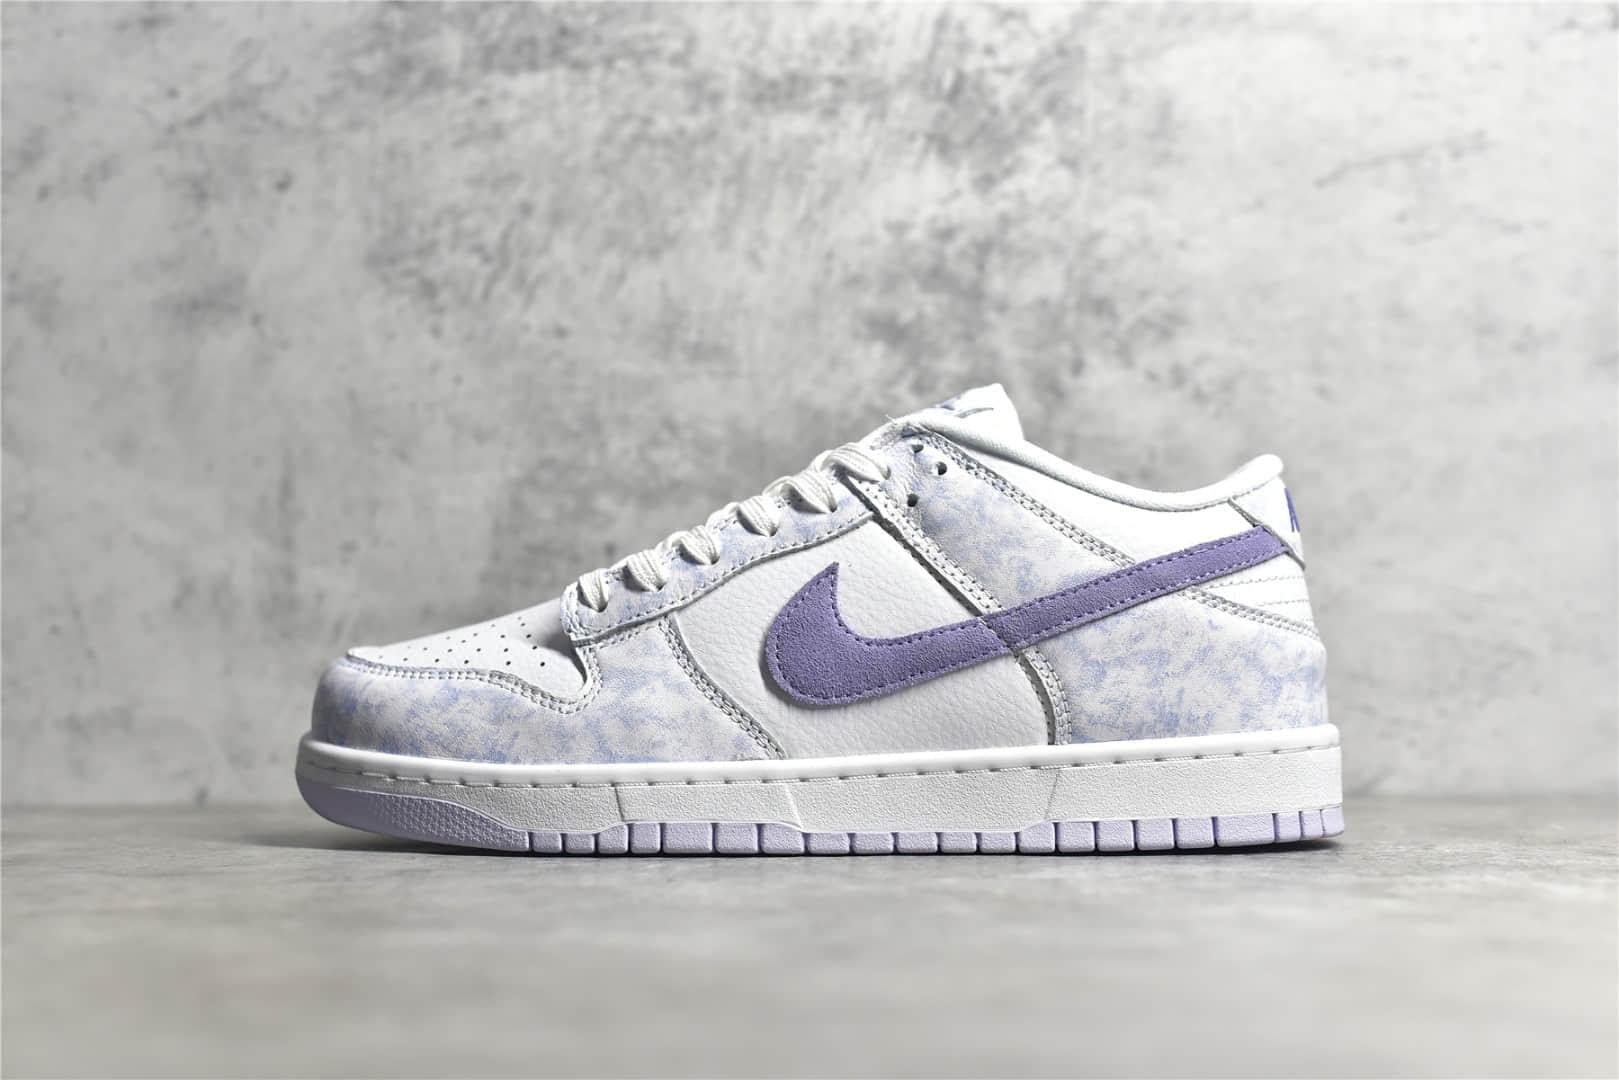 耐克Dunk水洗白紫低帮Nike Dunk Low Purple Pulse公司级别 DUNK板鞋 紫色 水洗 货号:DM9467-500-潮流者之家